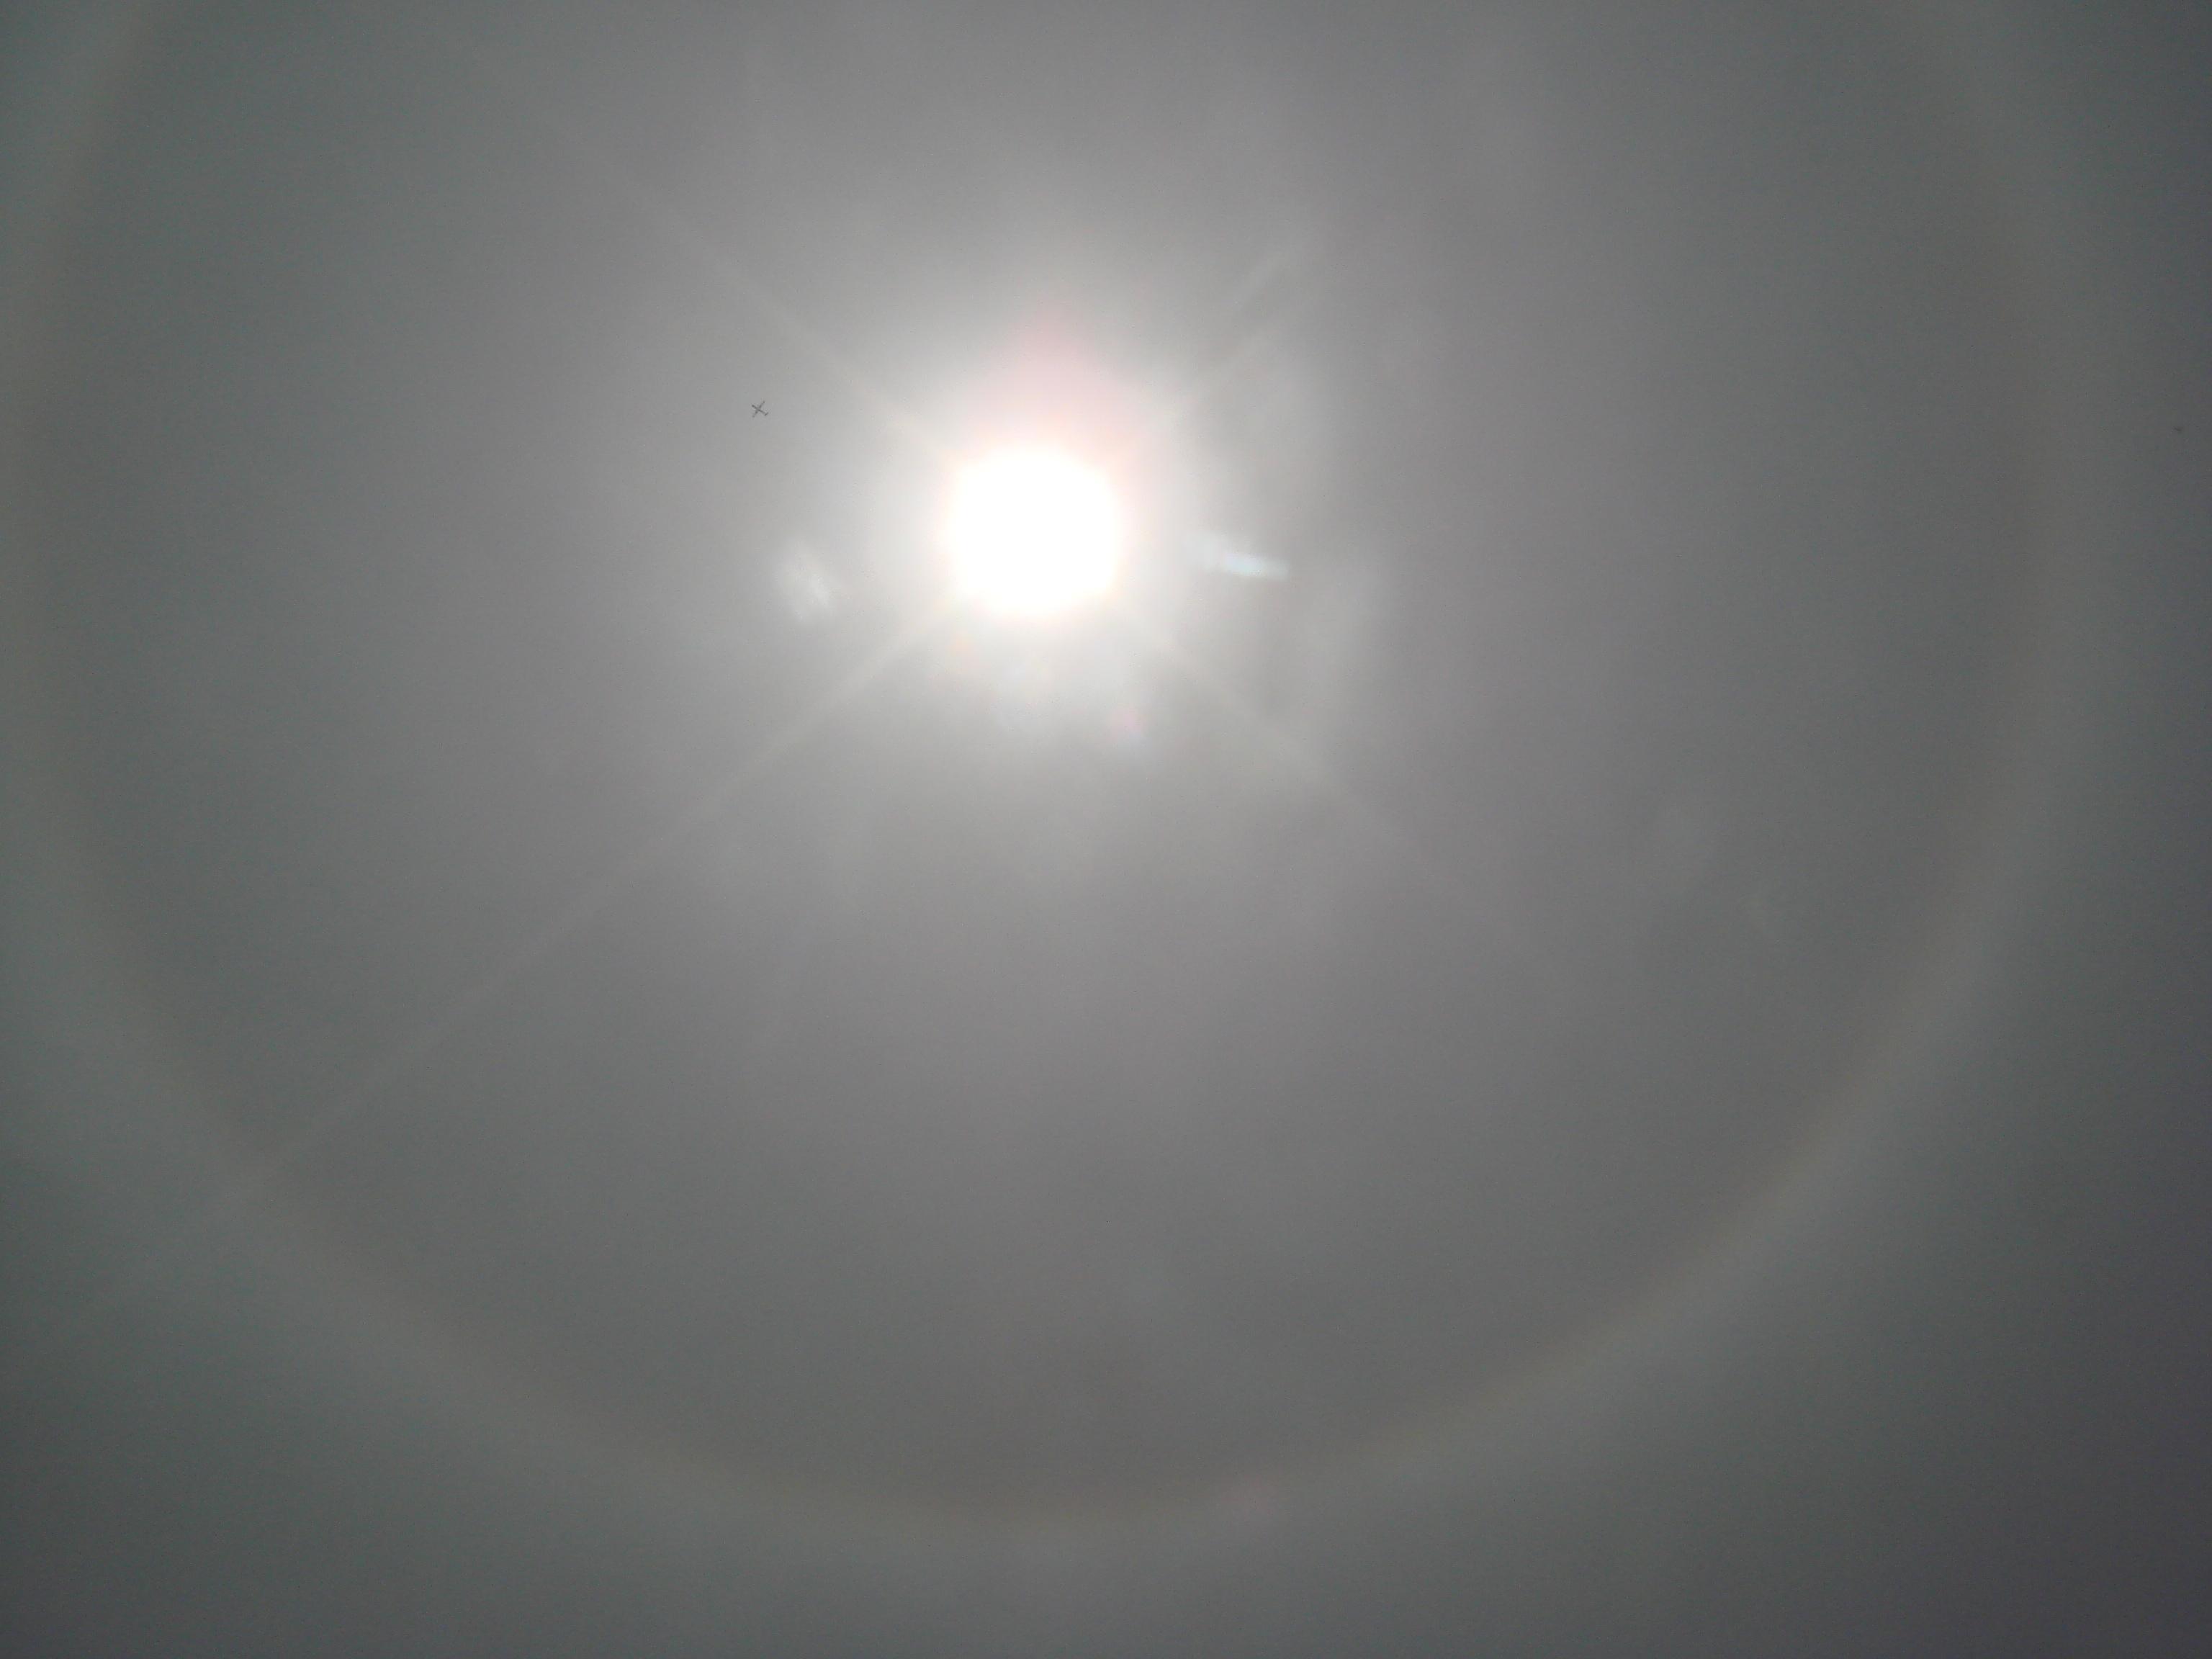 【99年4月放生】太陽外圍出現一圈光環(透過太陽眼鏡拍攝).JPG